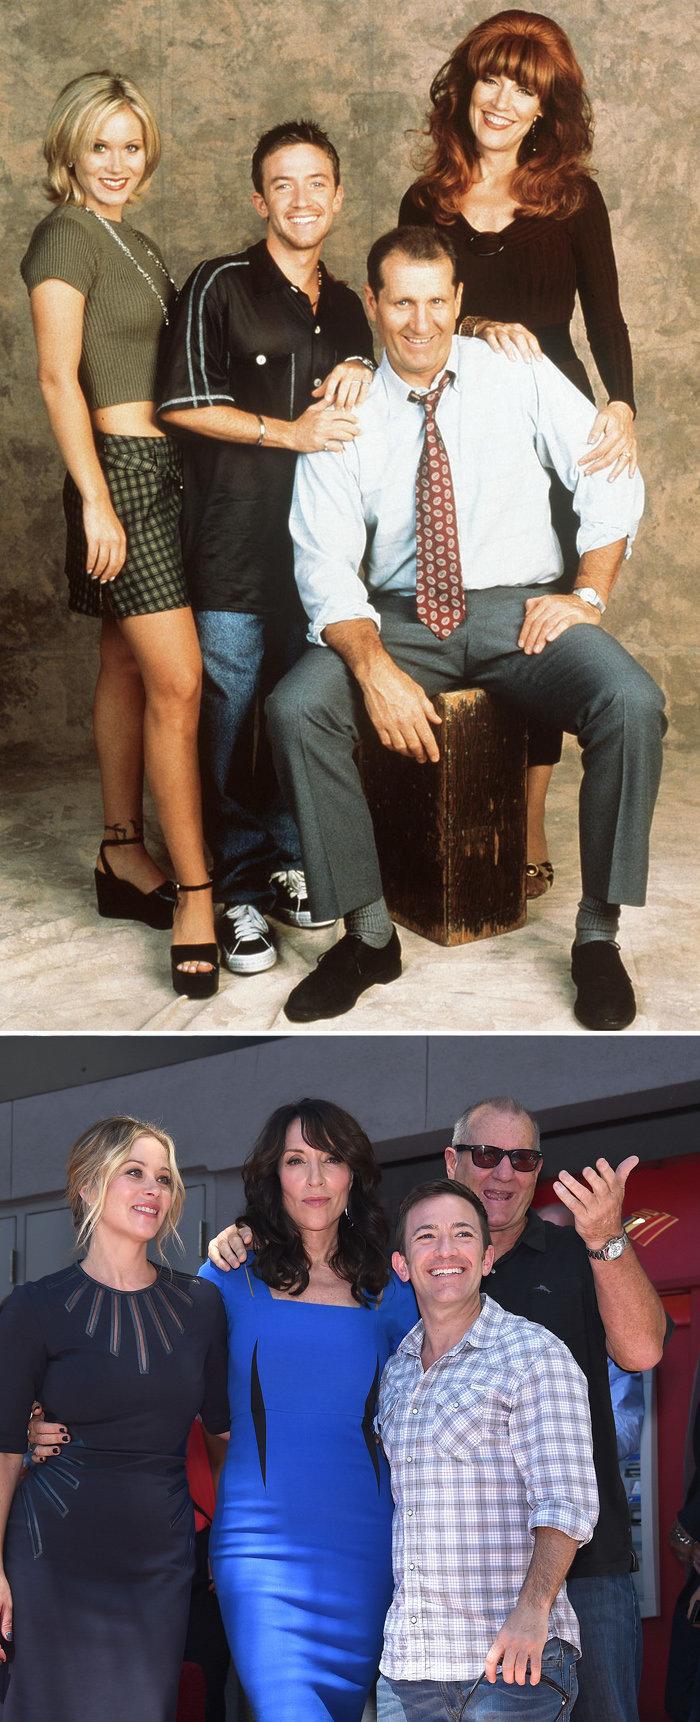 Τα reunion των καστ των διασημότερων σειρών: Συγκρίνετέ τους τότε και τώρα - εικόνα 8